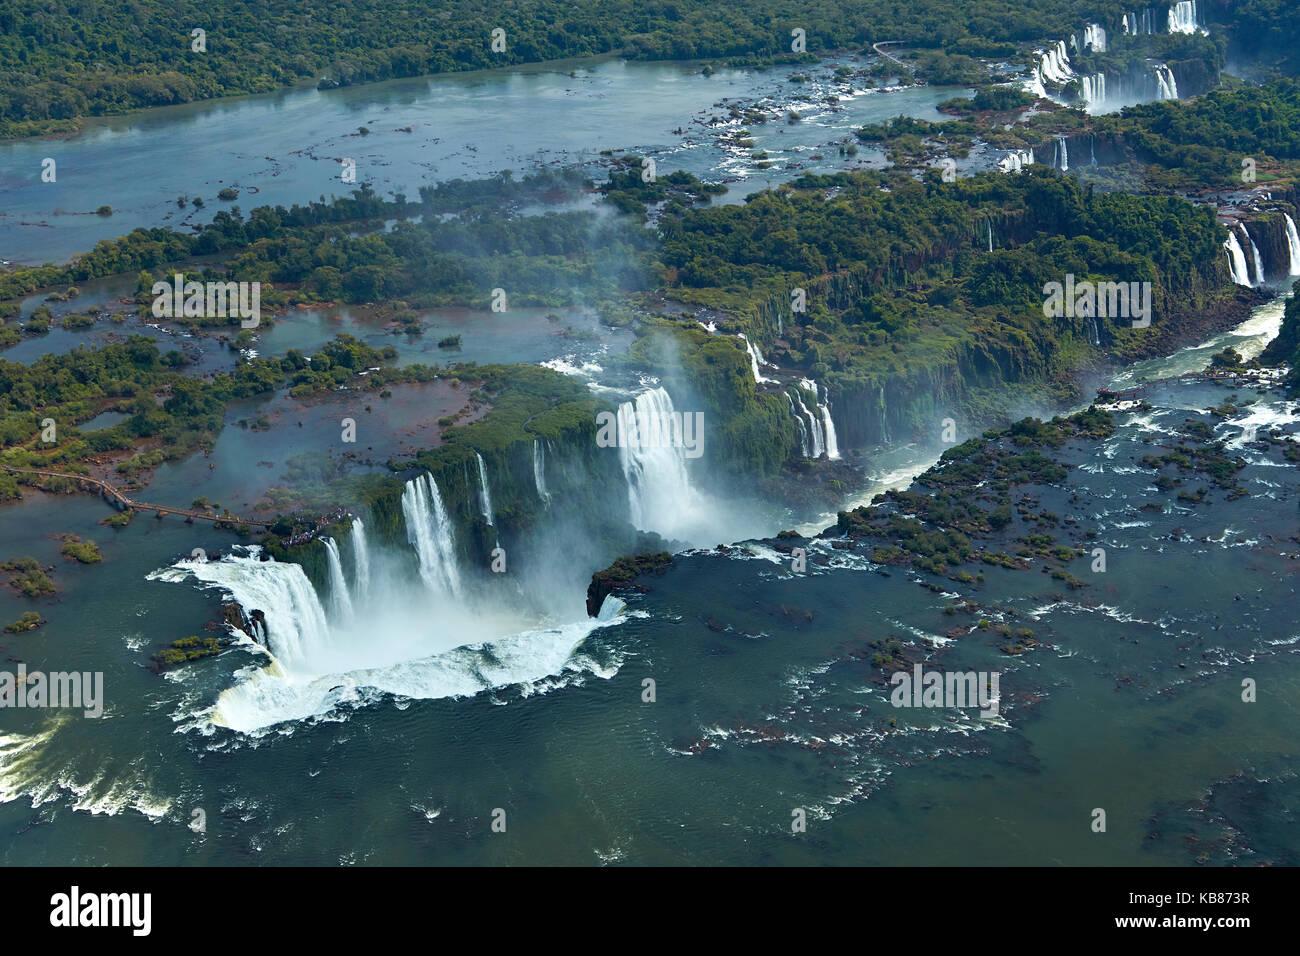 Pasarela y garganta del Diablo (Garganta do Diabo), Cataratas del Iguazú, en Brasil - Frontera Argentina, Sudamérica Foto de stock